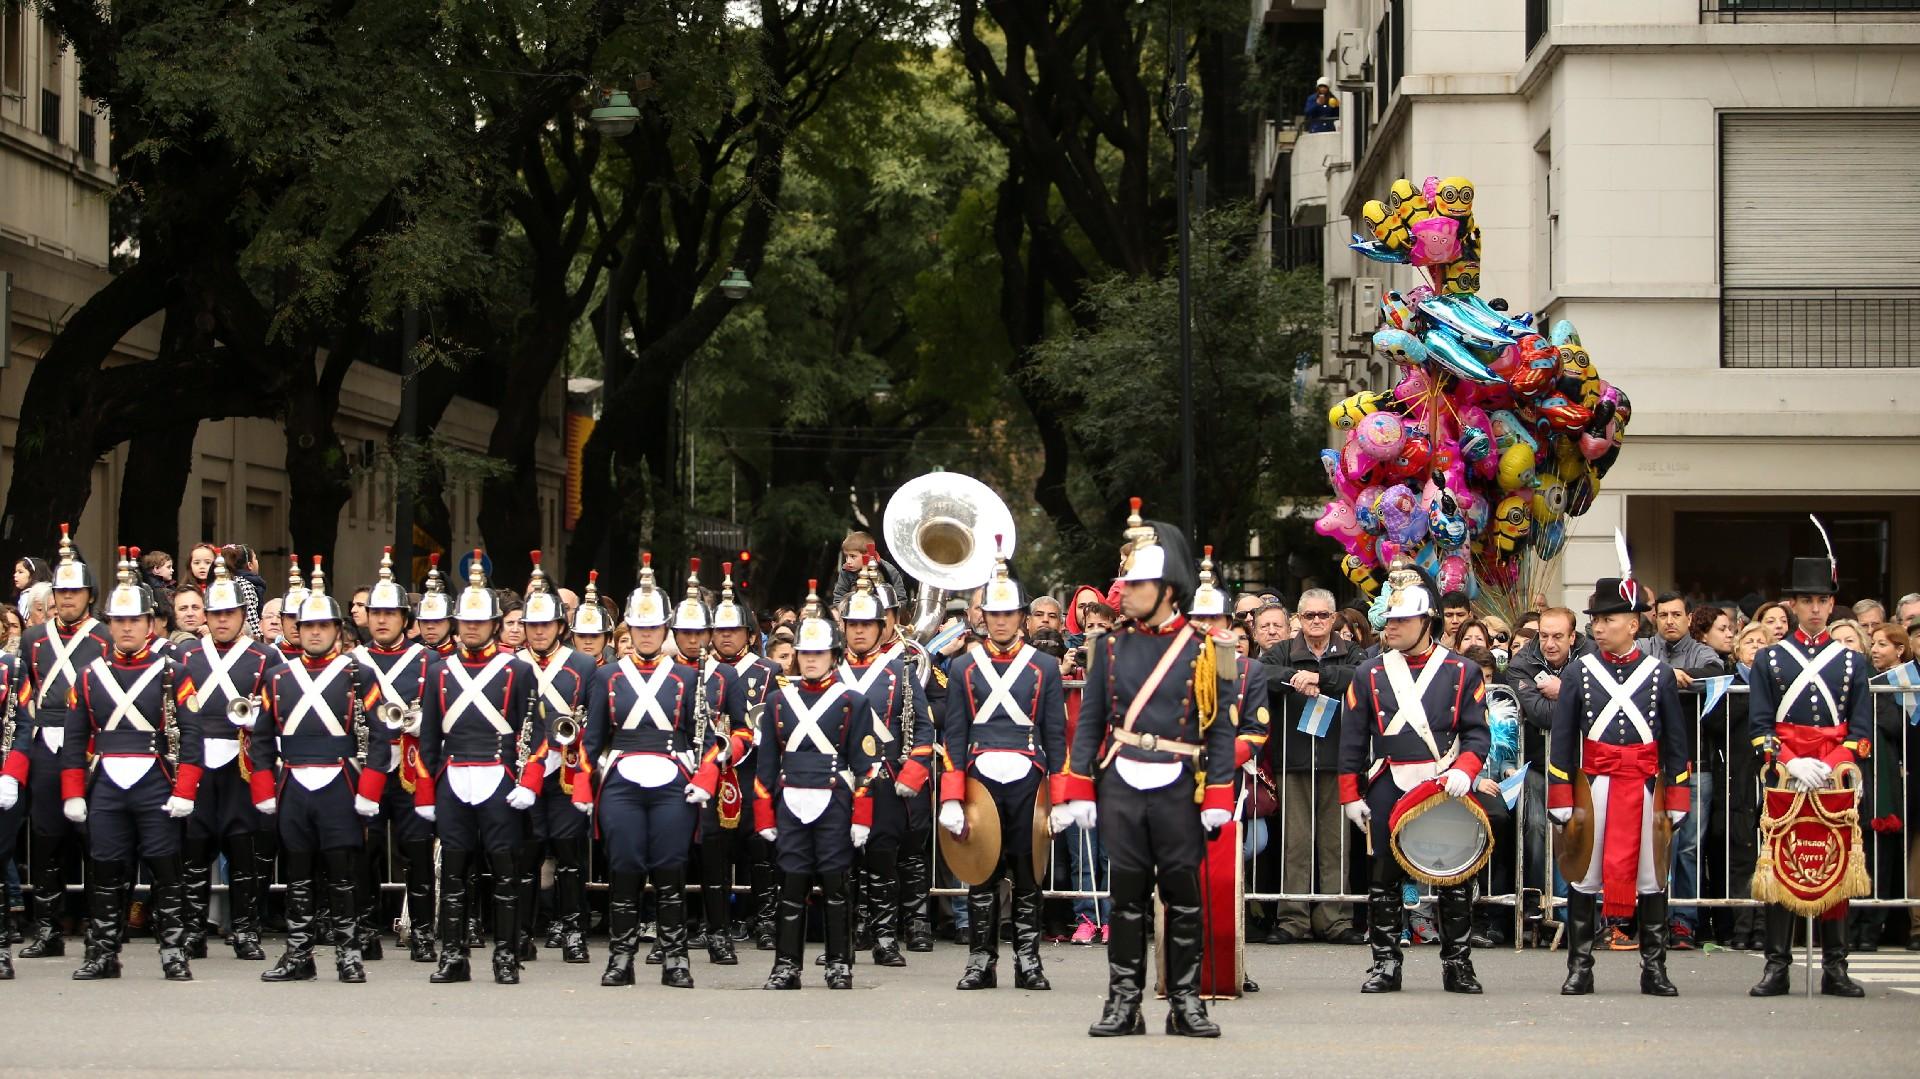 Festejos por el Bicentenario de Argentina Desfile-Bicentenario-1920-10